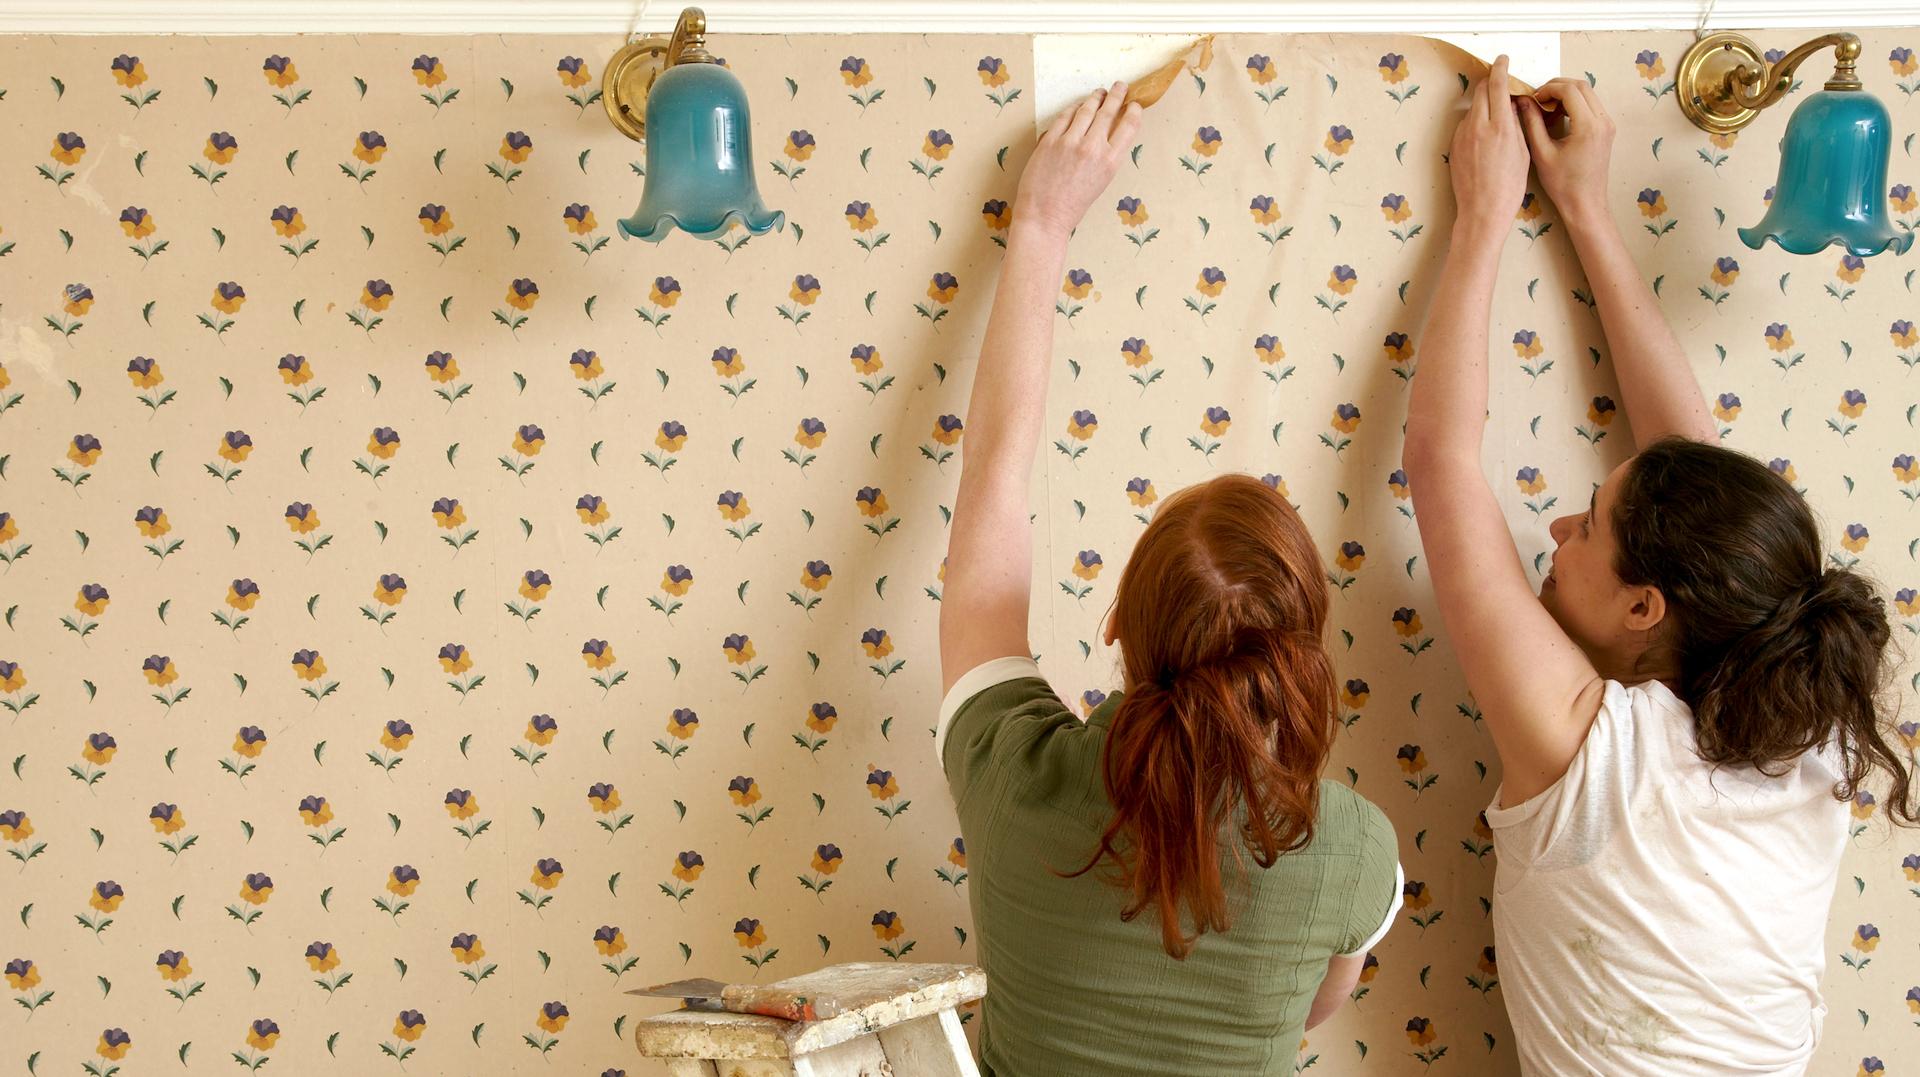 Wallpaper removal hacks that make a tough job easier 1920x1077